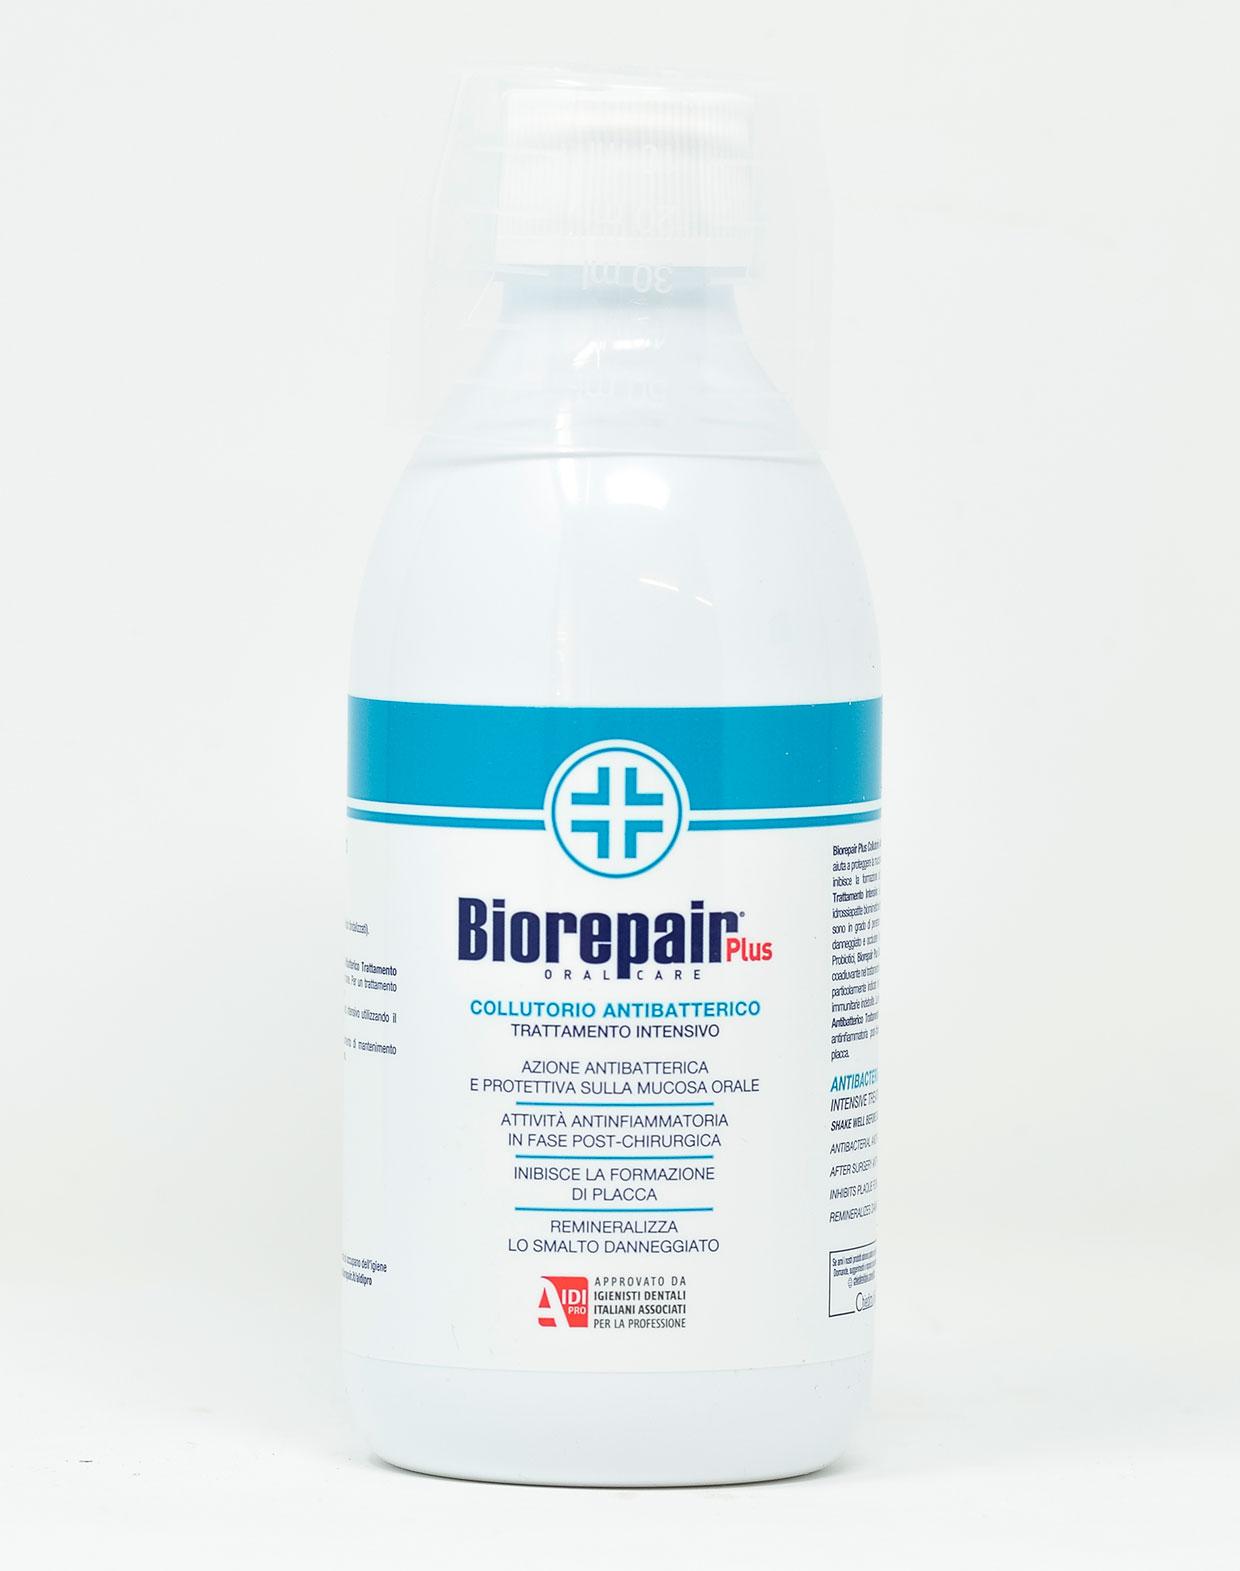 Biorepair Plus Collutorio Antibatterico Trattamento Intensivo - 250 ml